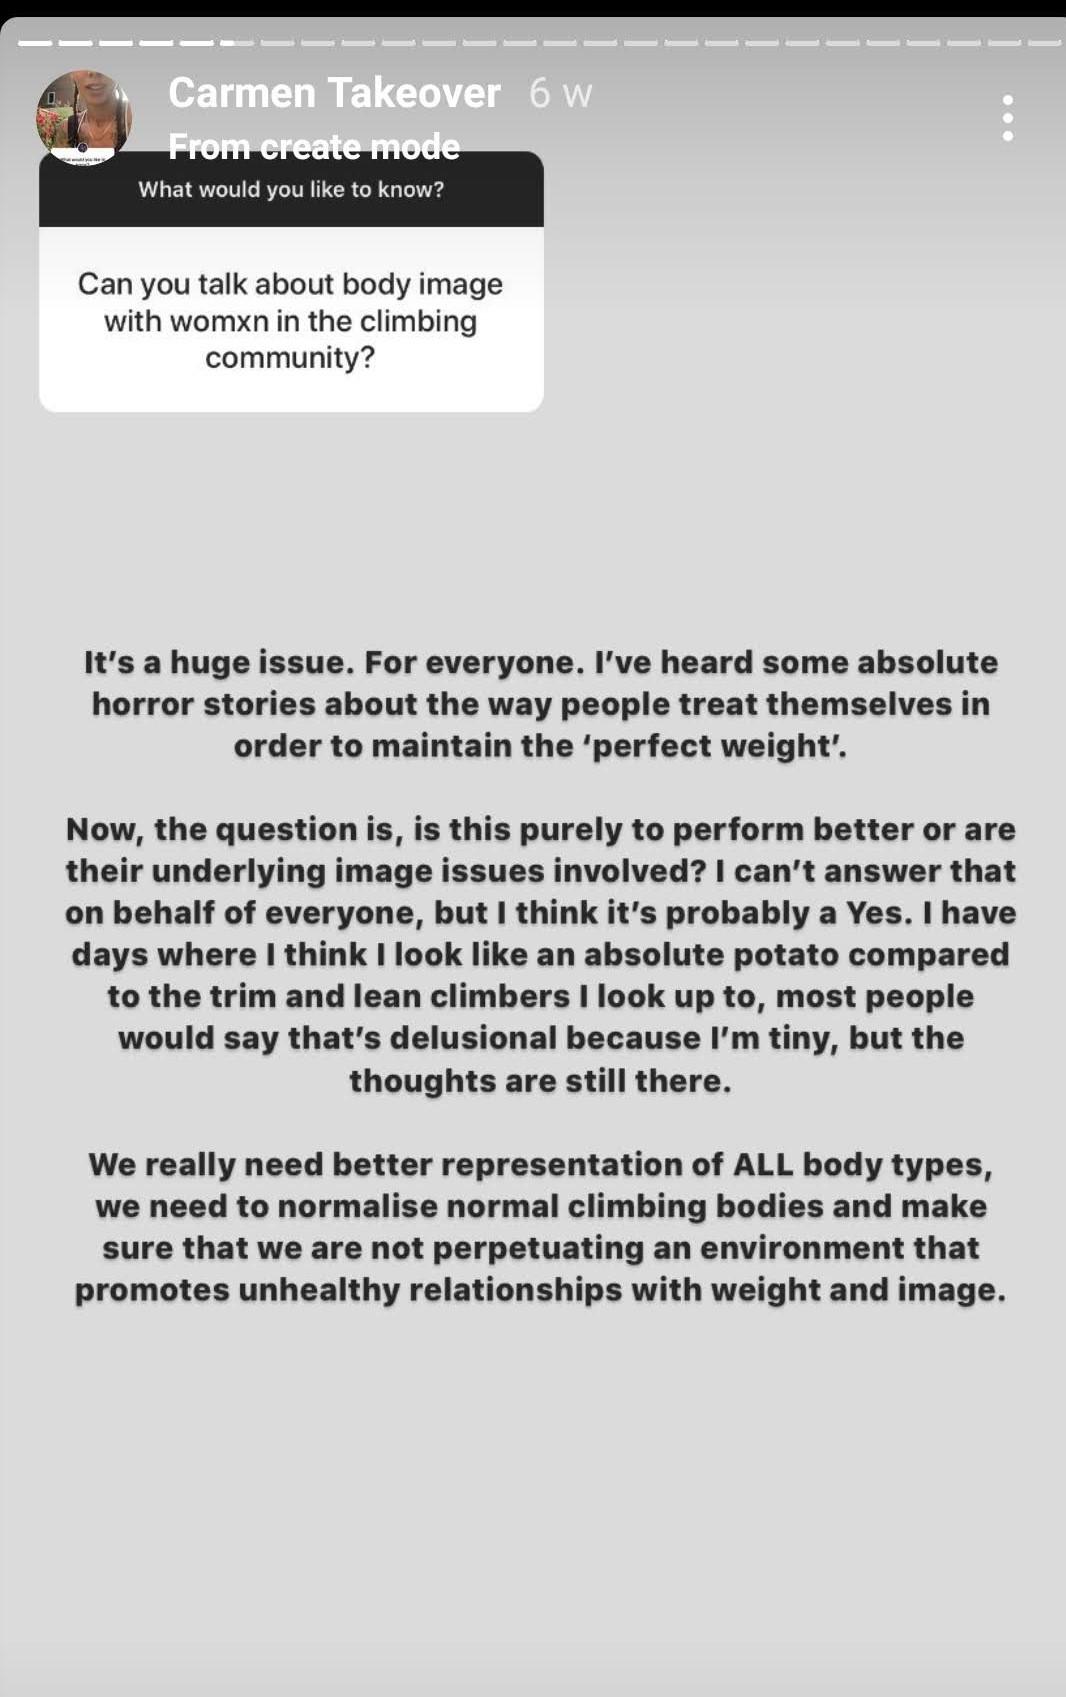 carmen-mcilveen-comment-on-body-image-for-women